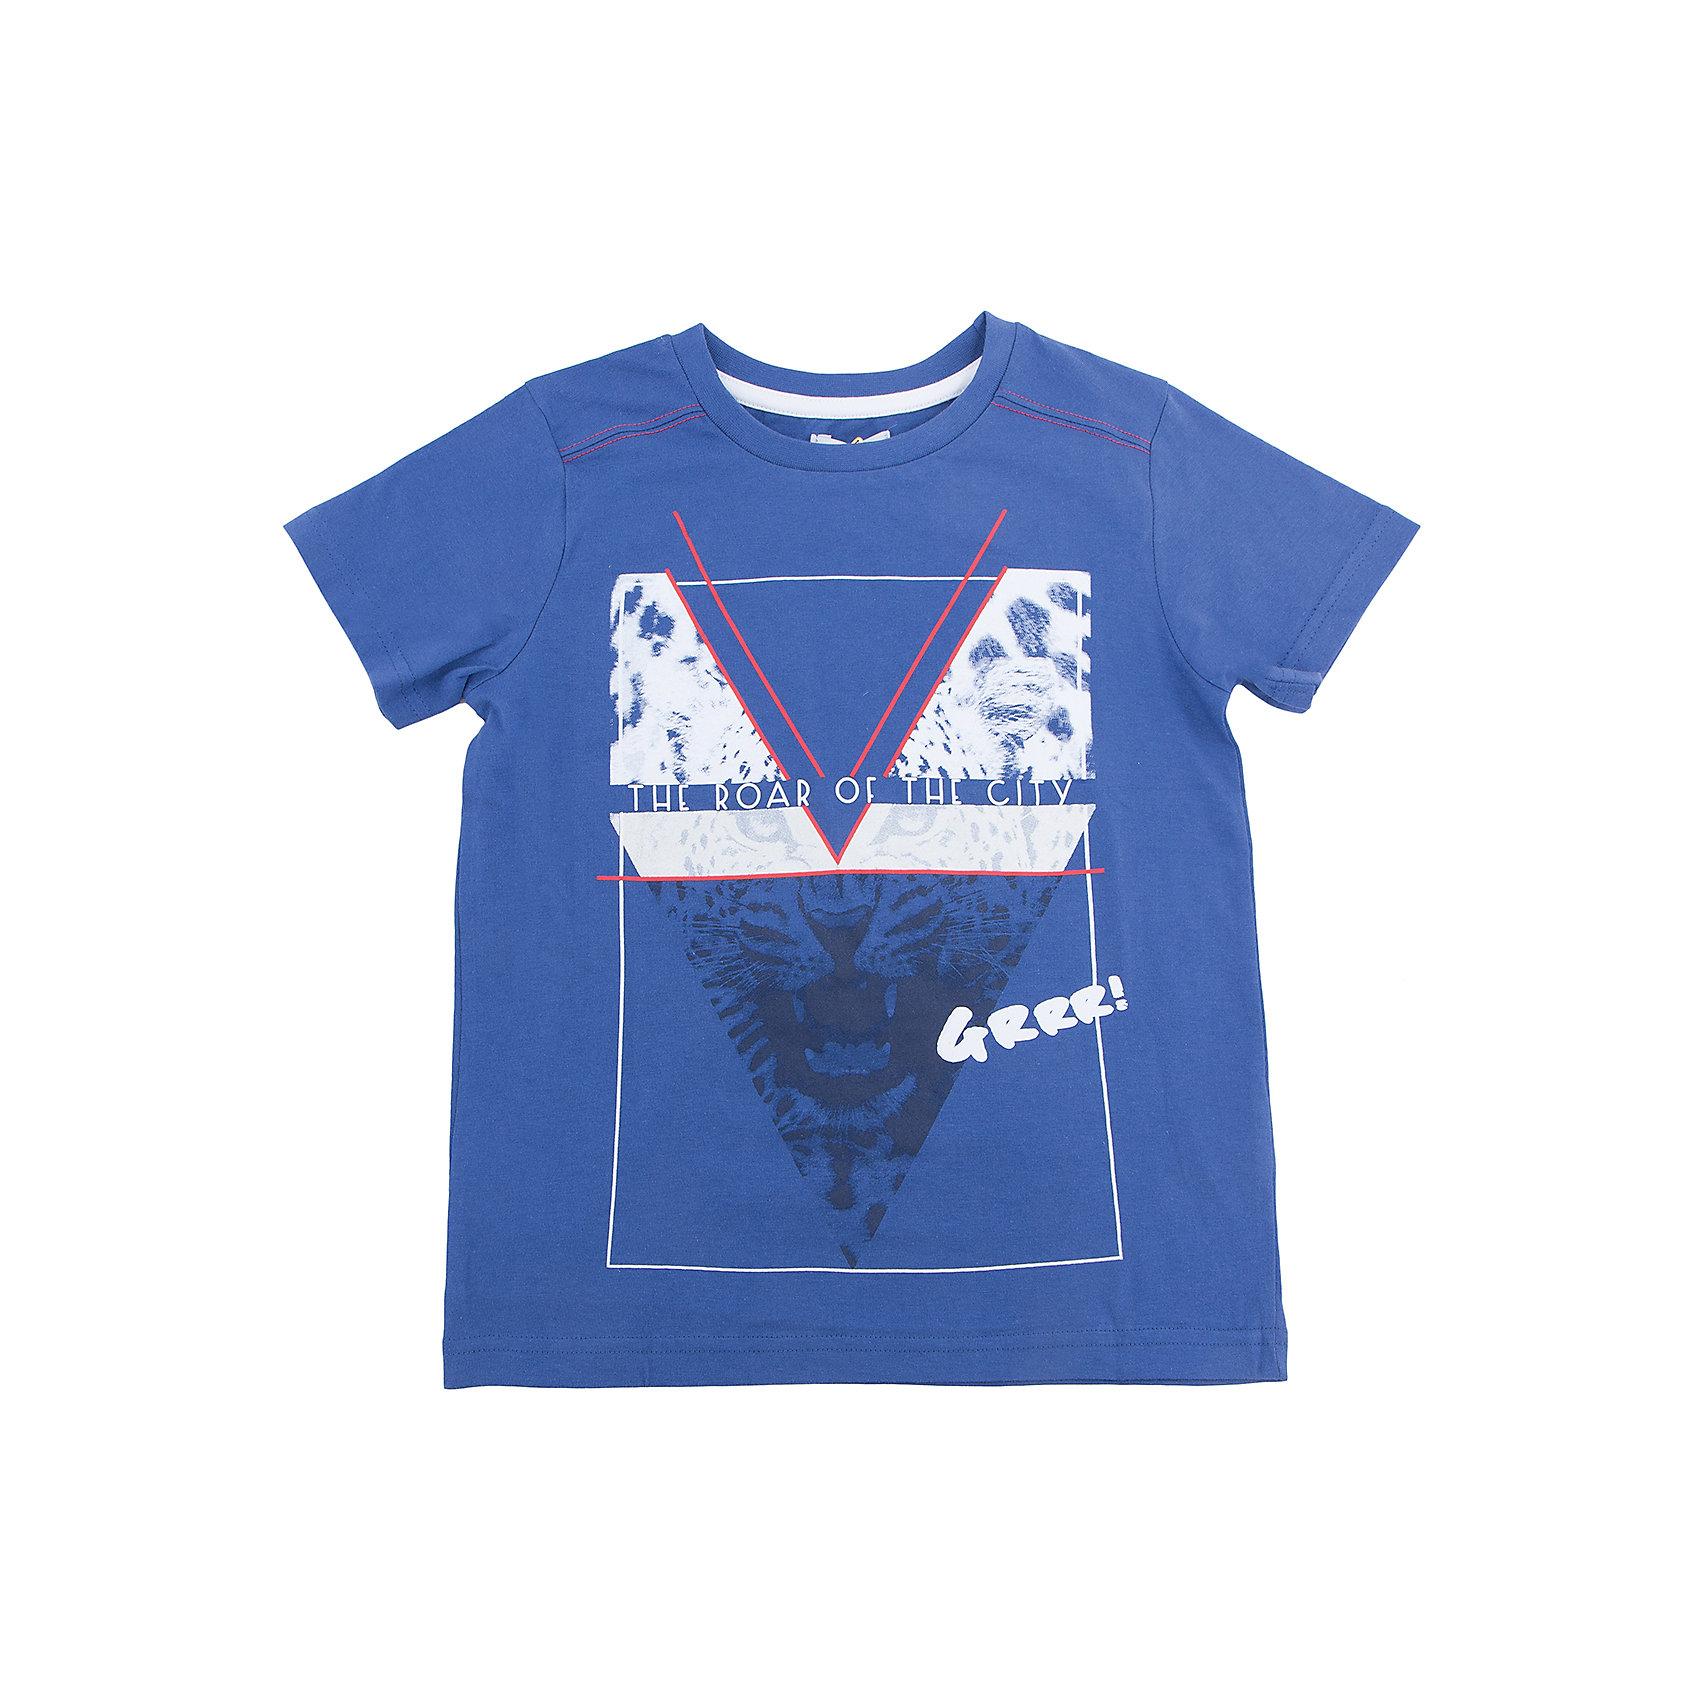 Футболка для мальчика ScoolФутболка для мальчика Scool<br>Яркая хлопковая футболка с короткими рукавами. Воротник на трикотажной резинке. Украшена стильным водным принтом.<br>Состав:<br>100% хлопок<br><br>Ширина мм: 199<br>Глубина мм: 10<br>Высота мм: 161<br>Вес г: 151<br>Цвет: синий<br>Возраст от месяцев: 156<br>Возраст до месяцев: 168<br>Пол: Мужской<br>Возраст: Детский<br>Размер: 164,134,140,146,152,158<br>SKU: 5407176